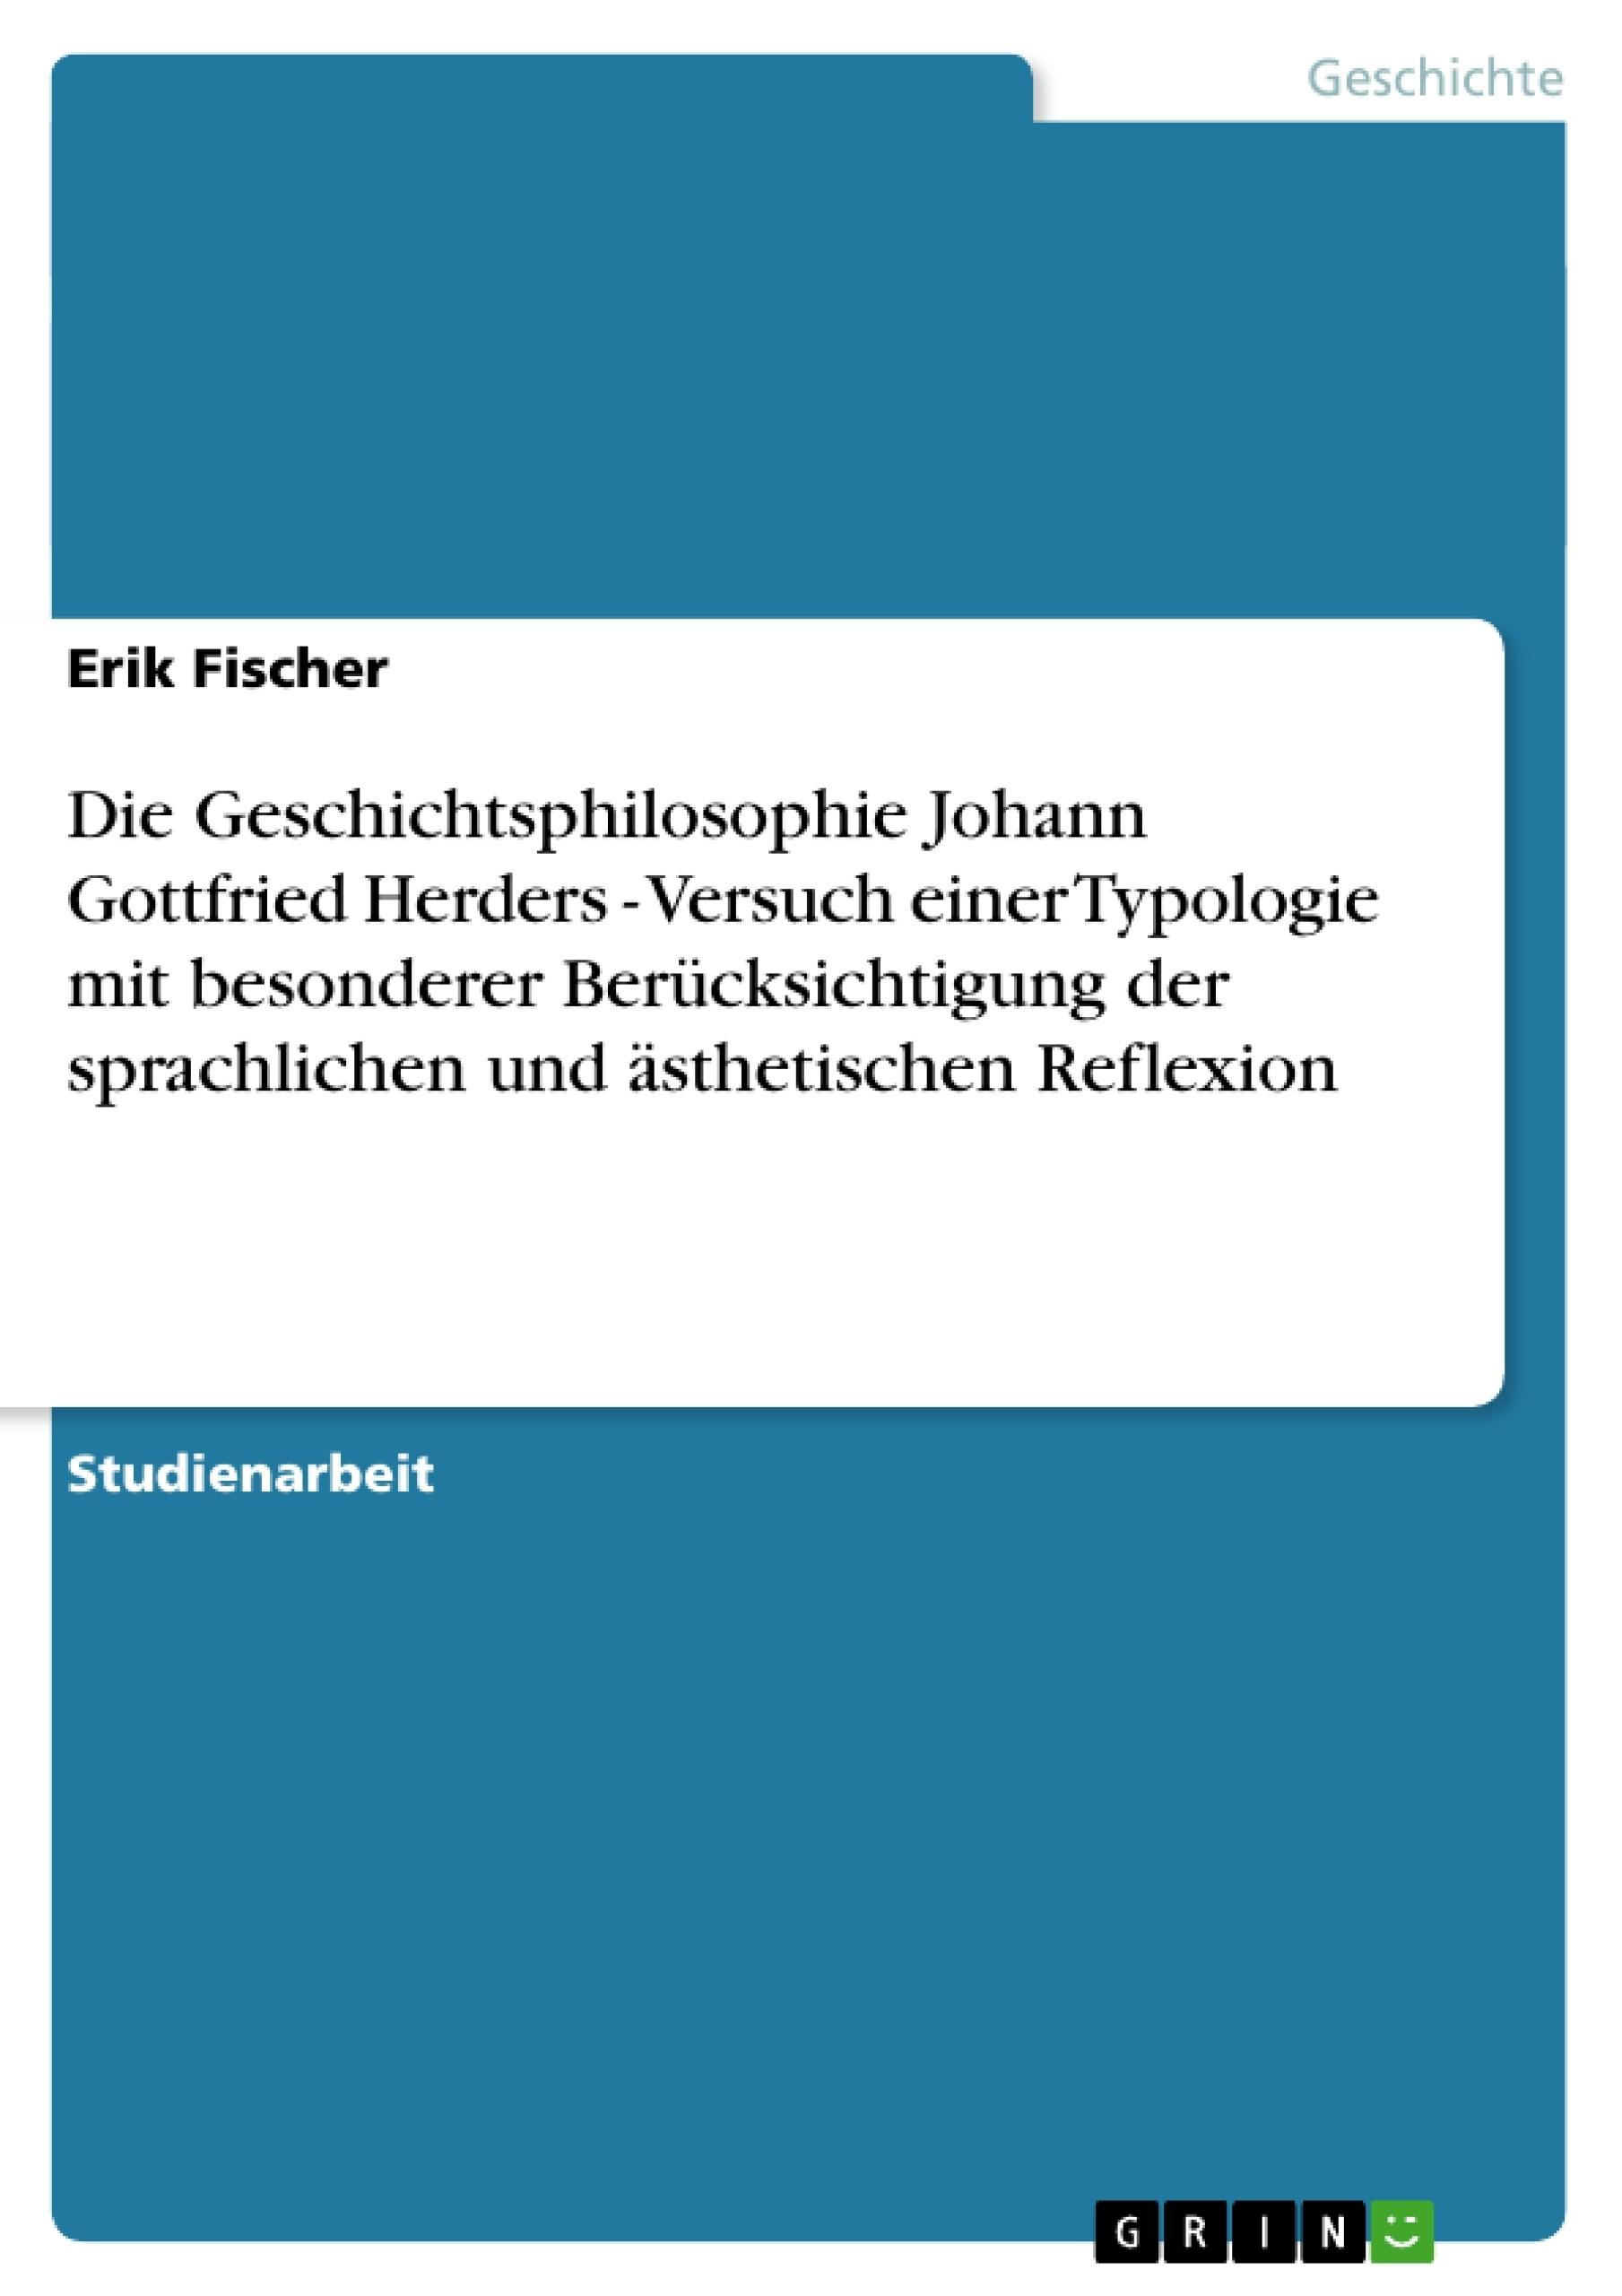 Titel: Die Geschichtsphilosophie Johann Gottfried Herders - Versuch einer Typologie mit besonderer Berücksichtigung der sprachlichen und ästhetischen Reflexion